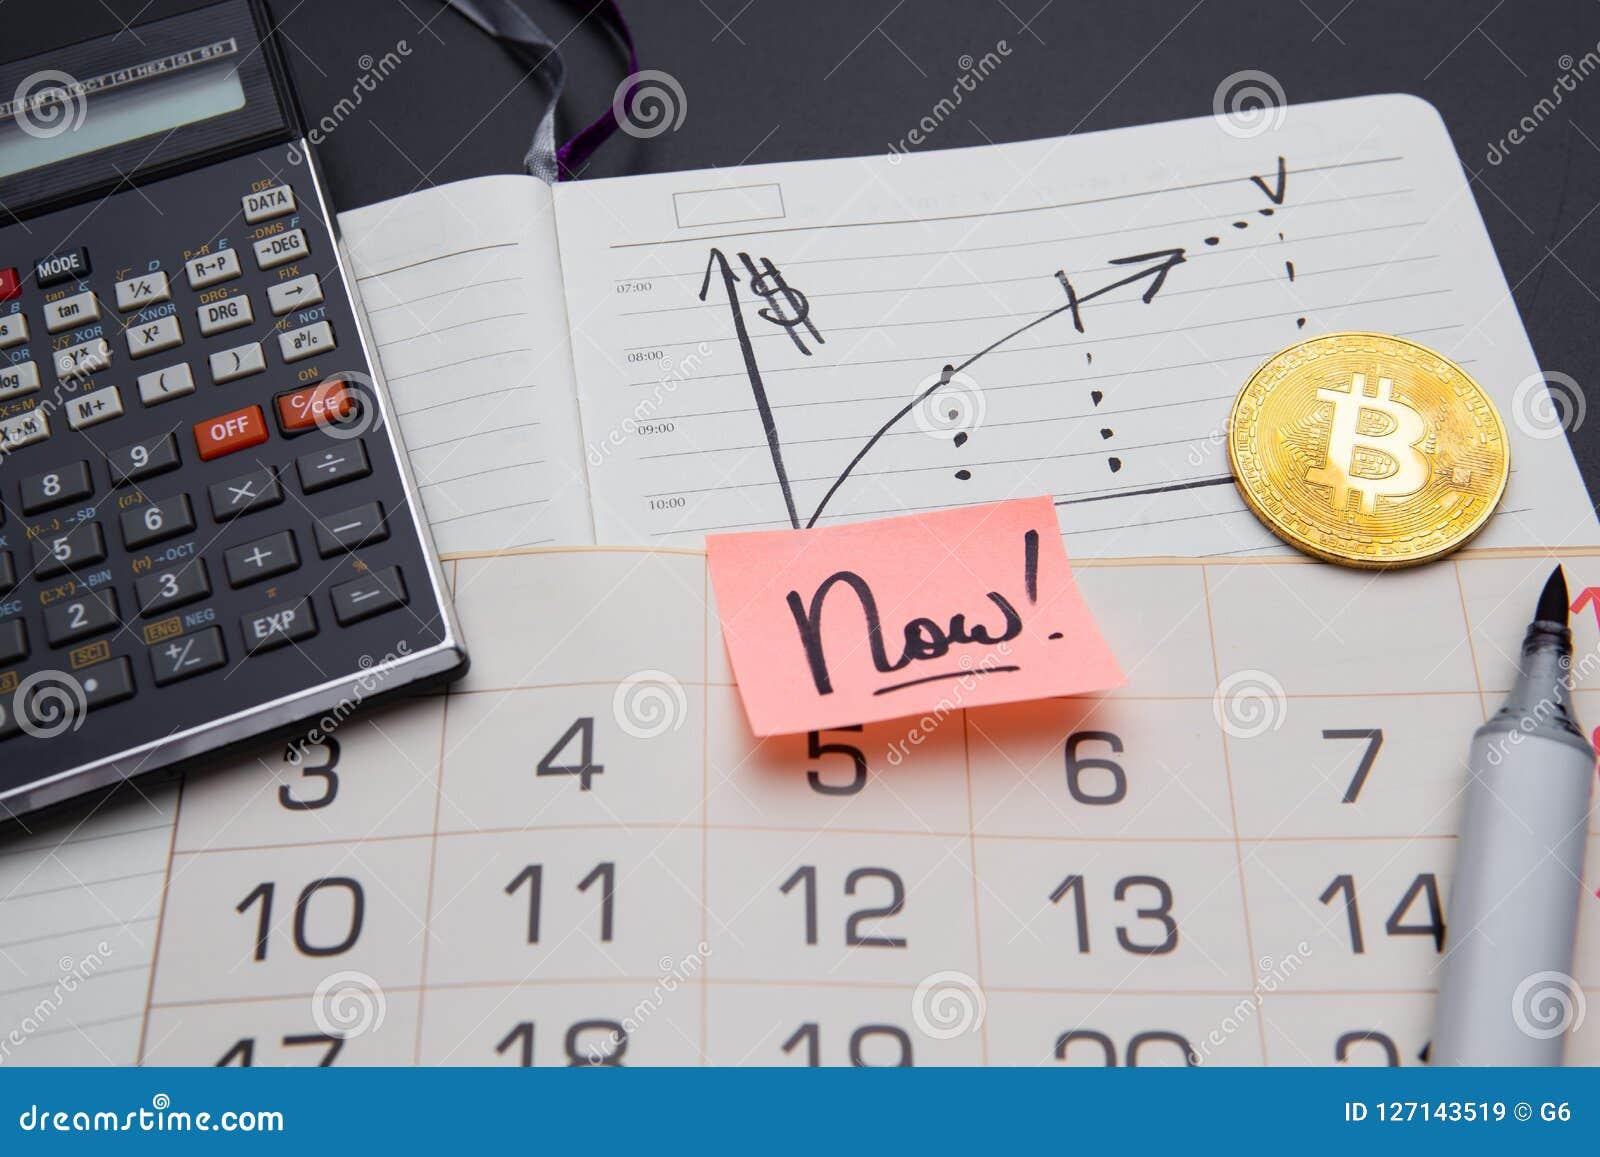 Calendario Di Dimezzamento Bitcoin - VACUUM CENTER